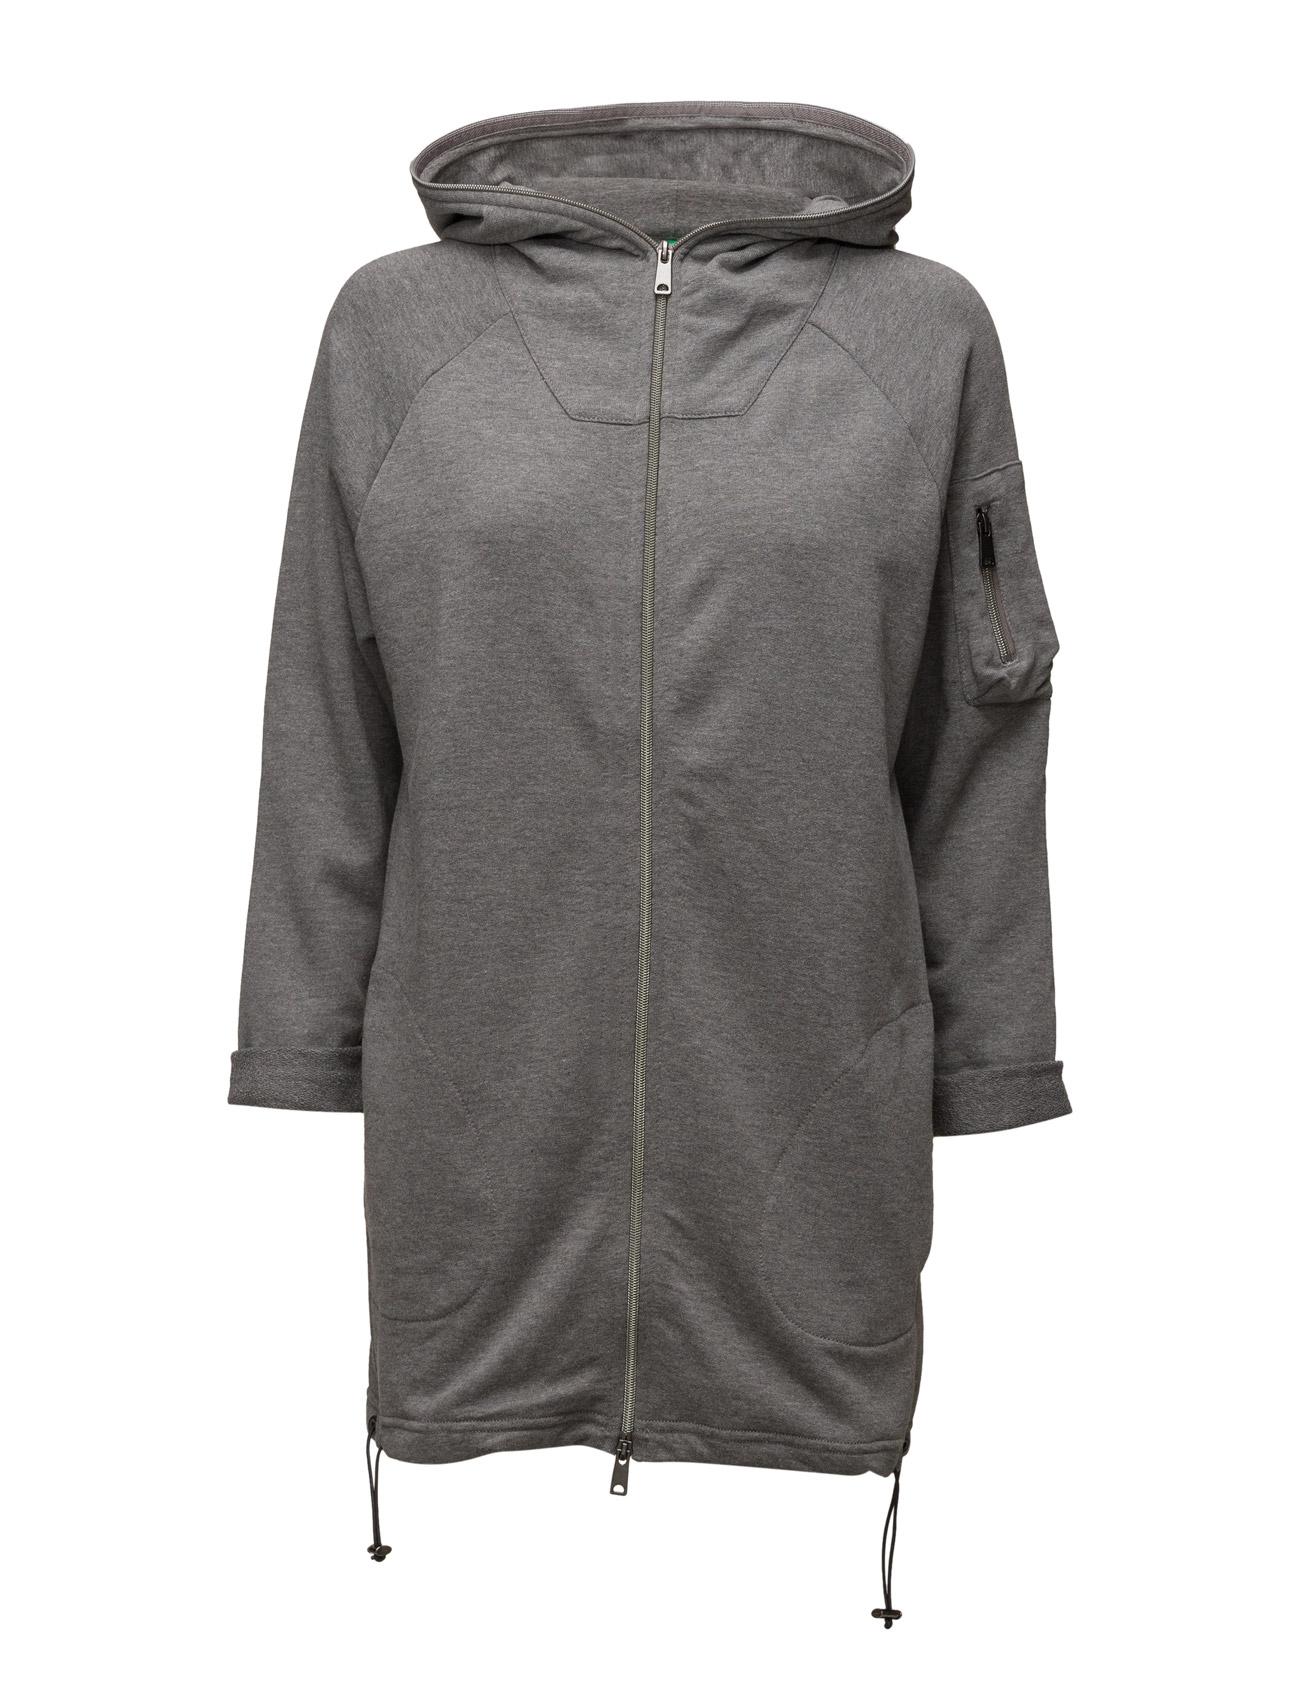 Jacket W/Hood L/S United Colors of Benetton  til Kvinder i